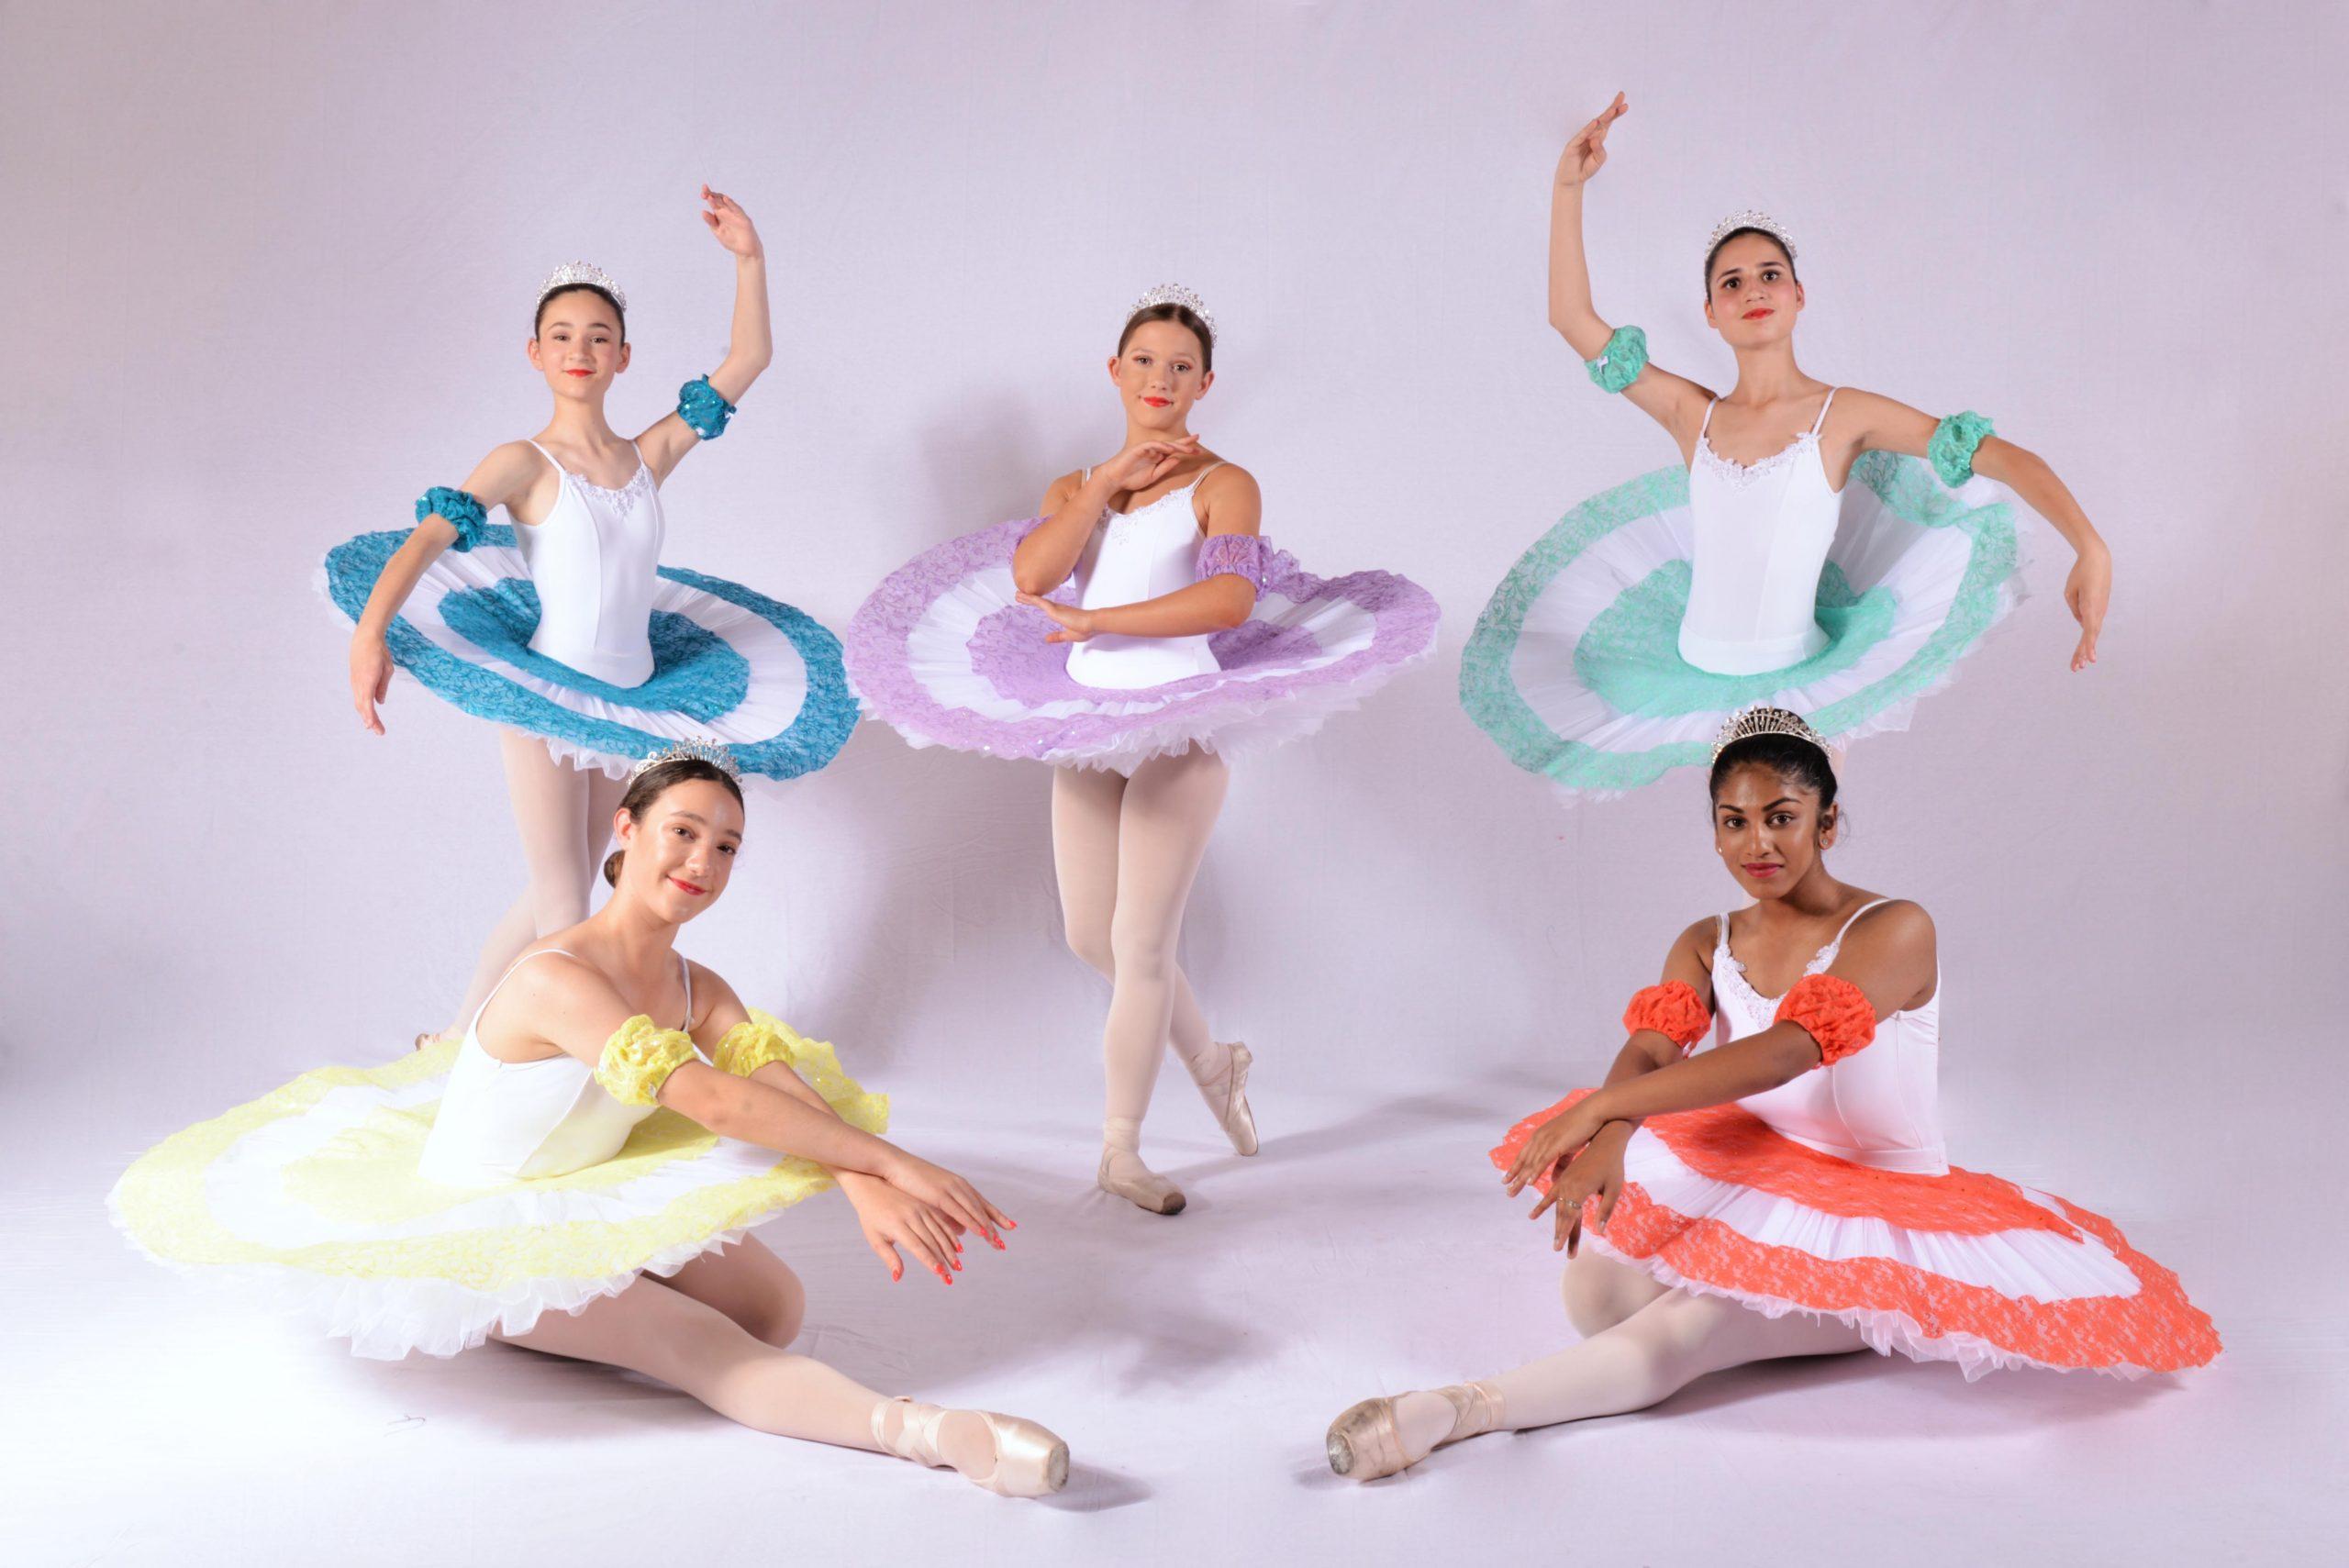 Diakosmos_Dance_Academy_Our_Classes_Ballet